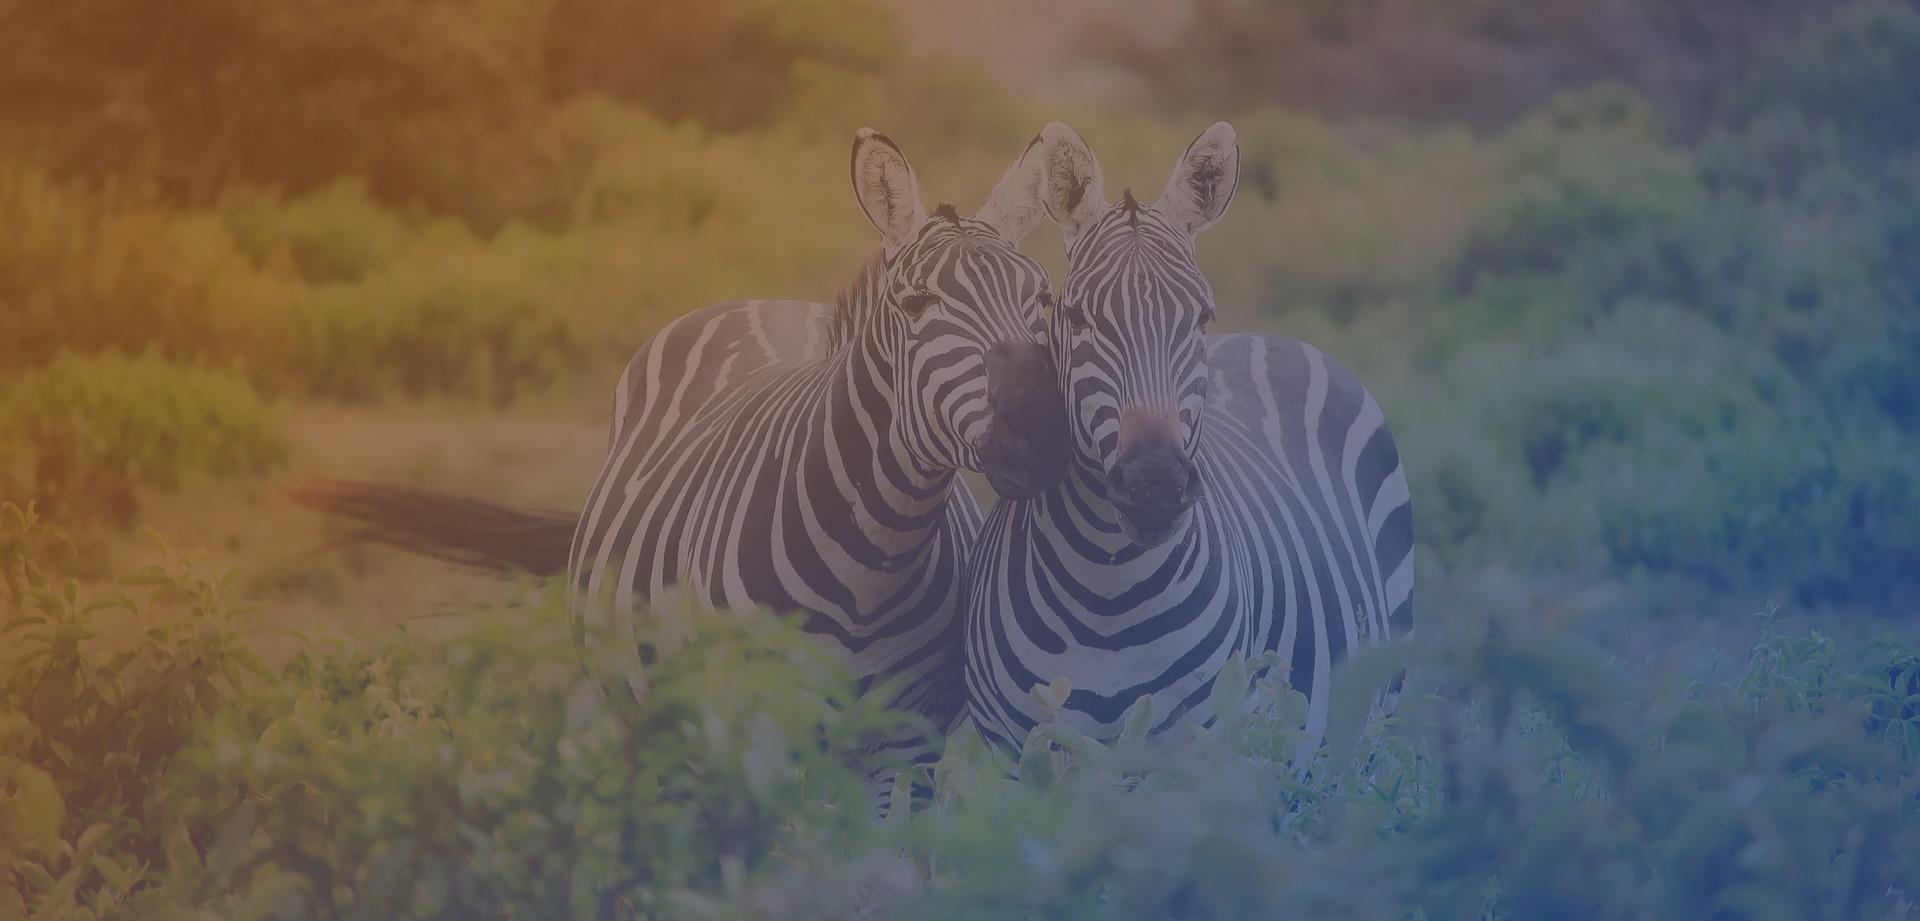 Top Destinations Vacances Afrique 2019, Voyager Au Coeur De à Animaux Sauvages De L Afrique